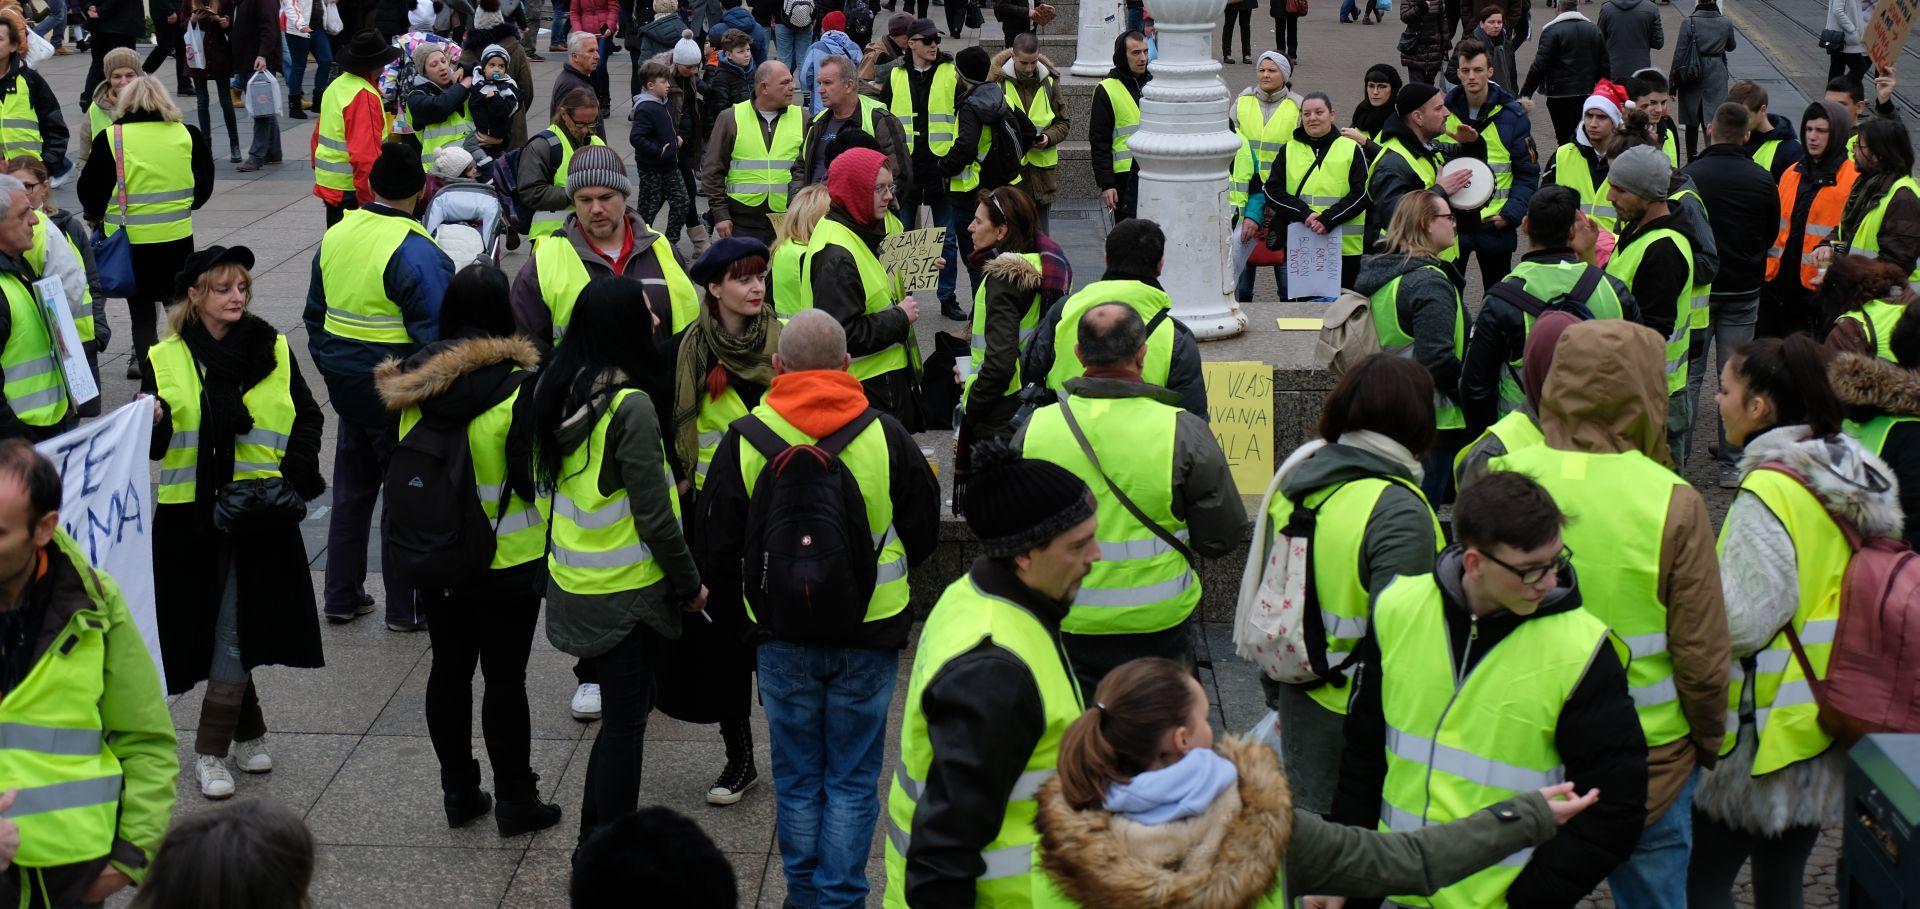 SUBOTA Žuti prsluci Hrvatske protiv Ovršnog zakona